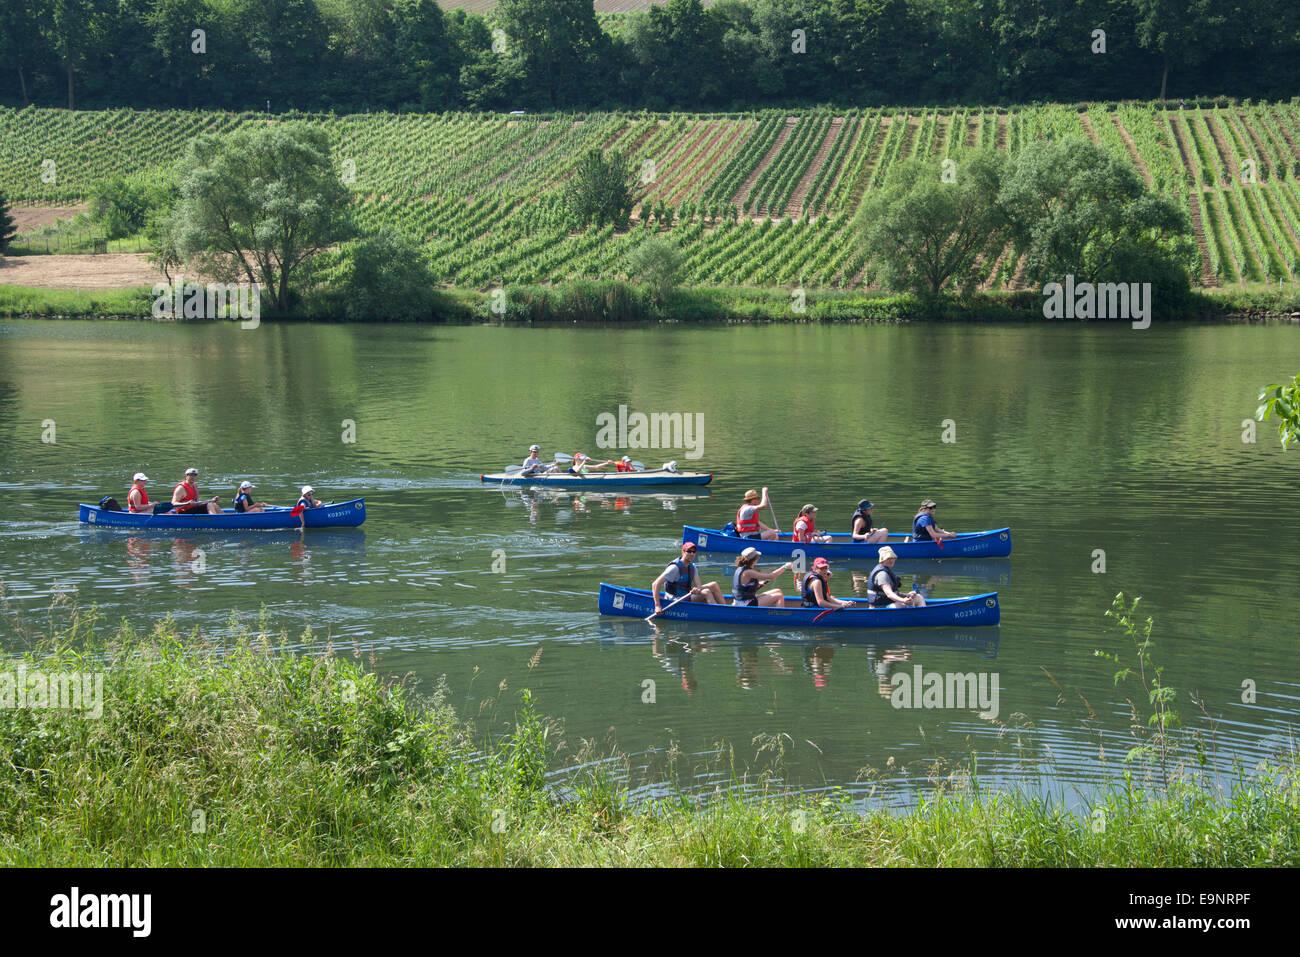 Pagaiando canoa fiume Moselle vicino a Zell Valle della Mosella in Germania Immagini Stock